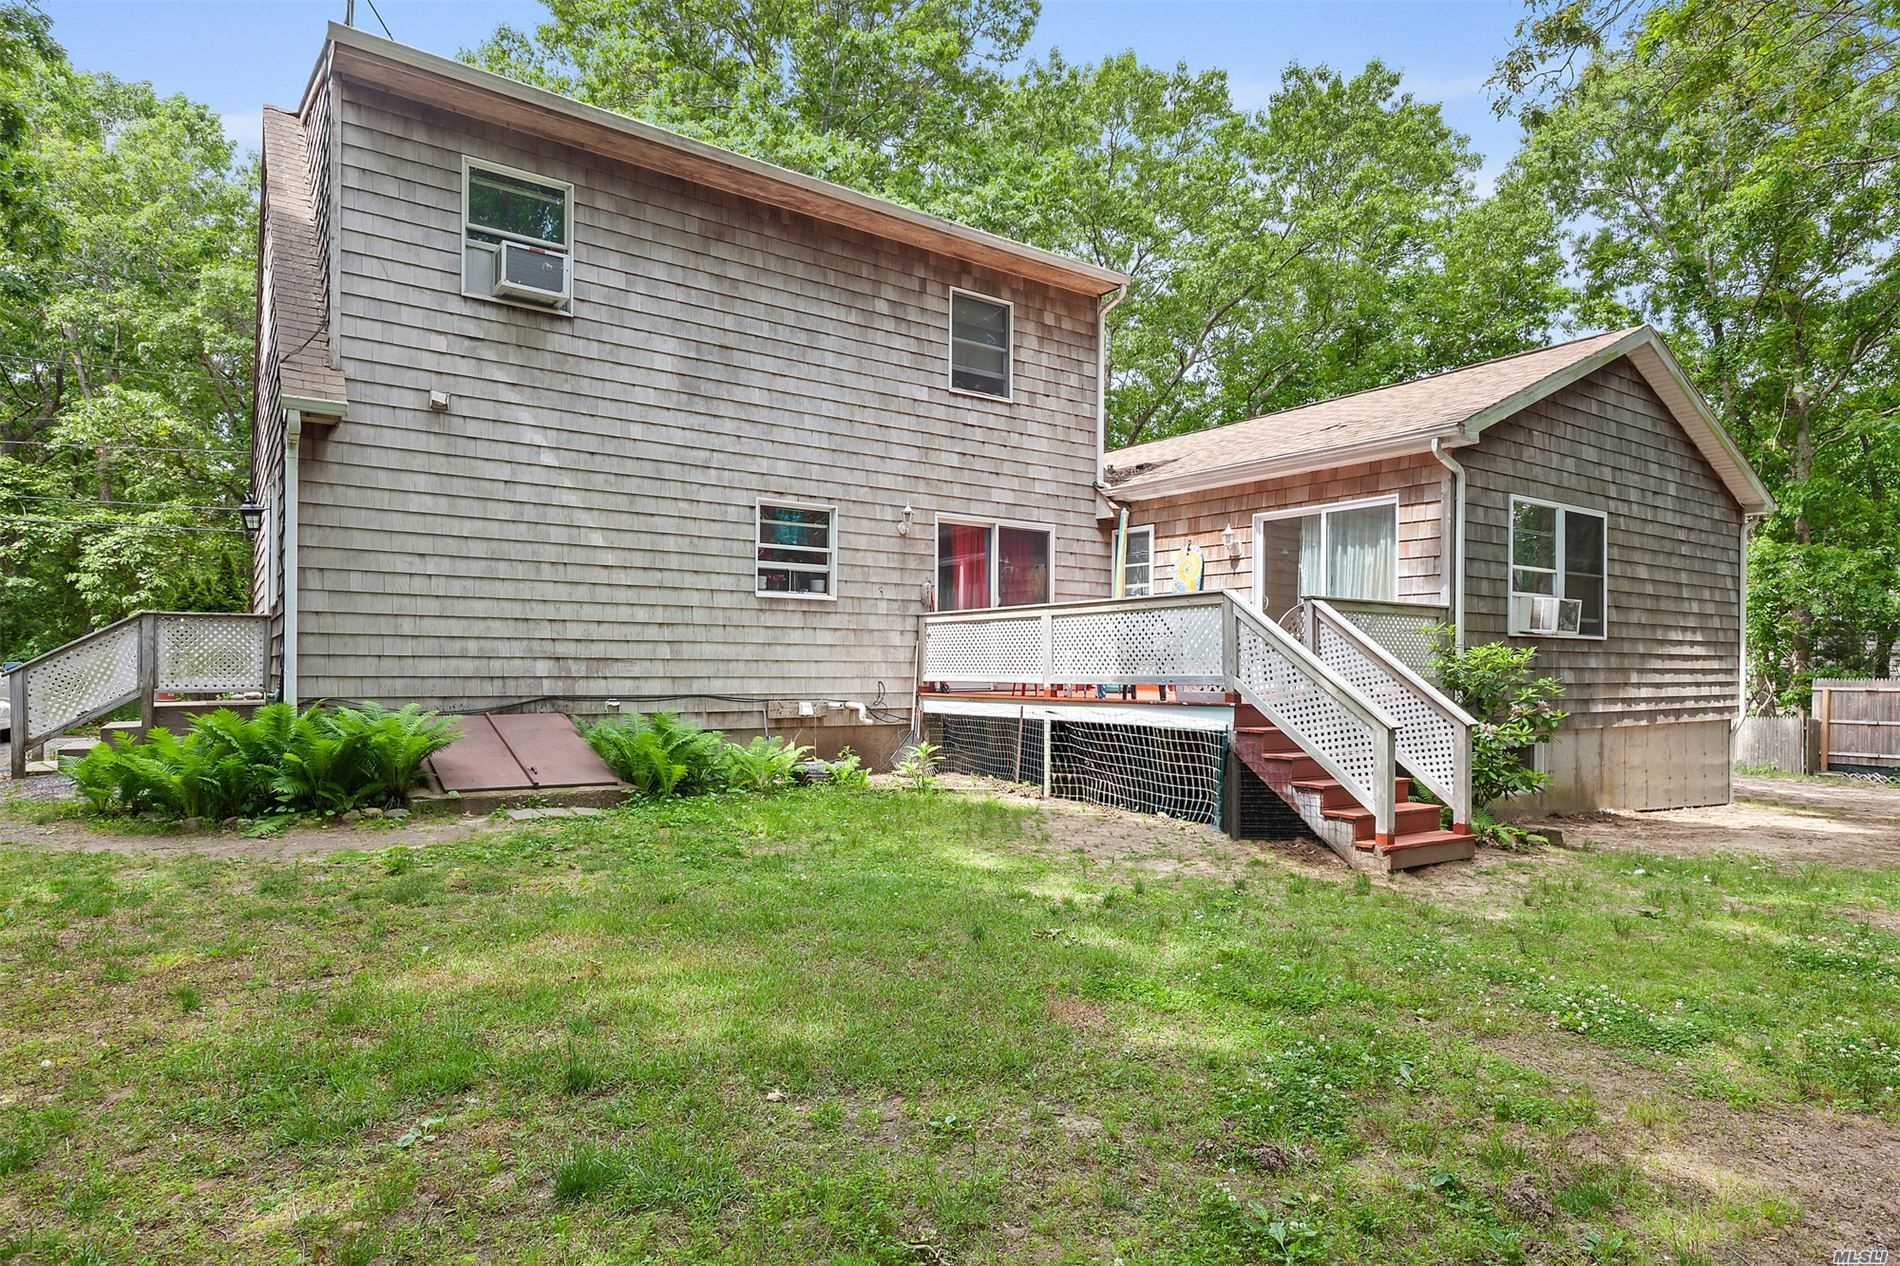 11 Gardiners Ln East Hampton, NY 11937